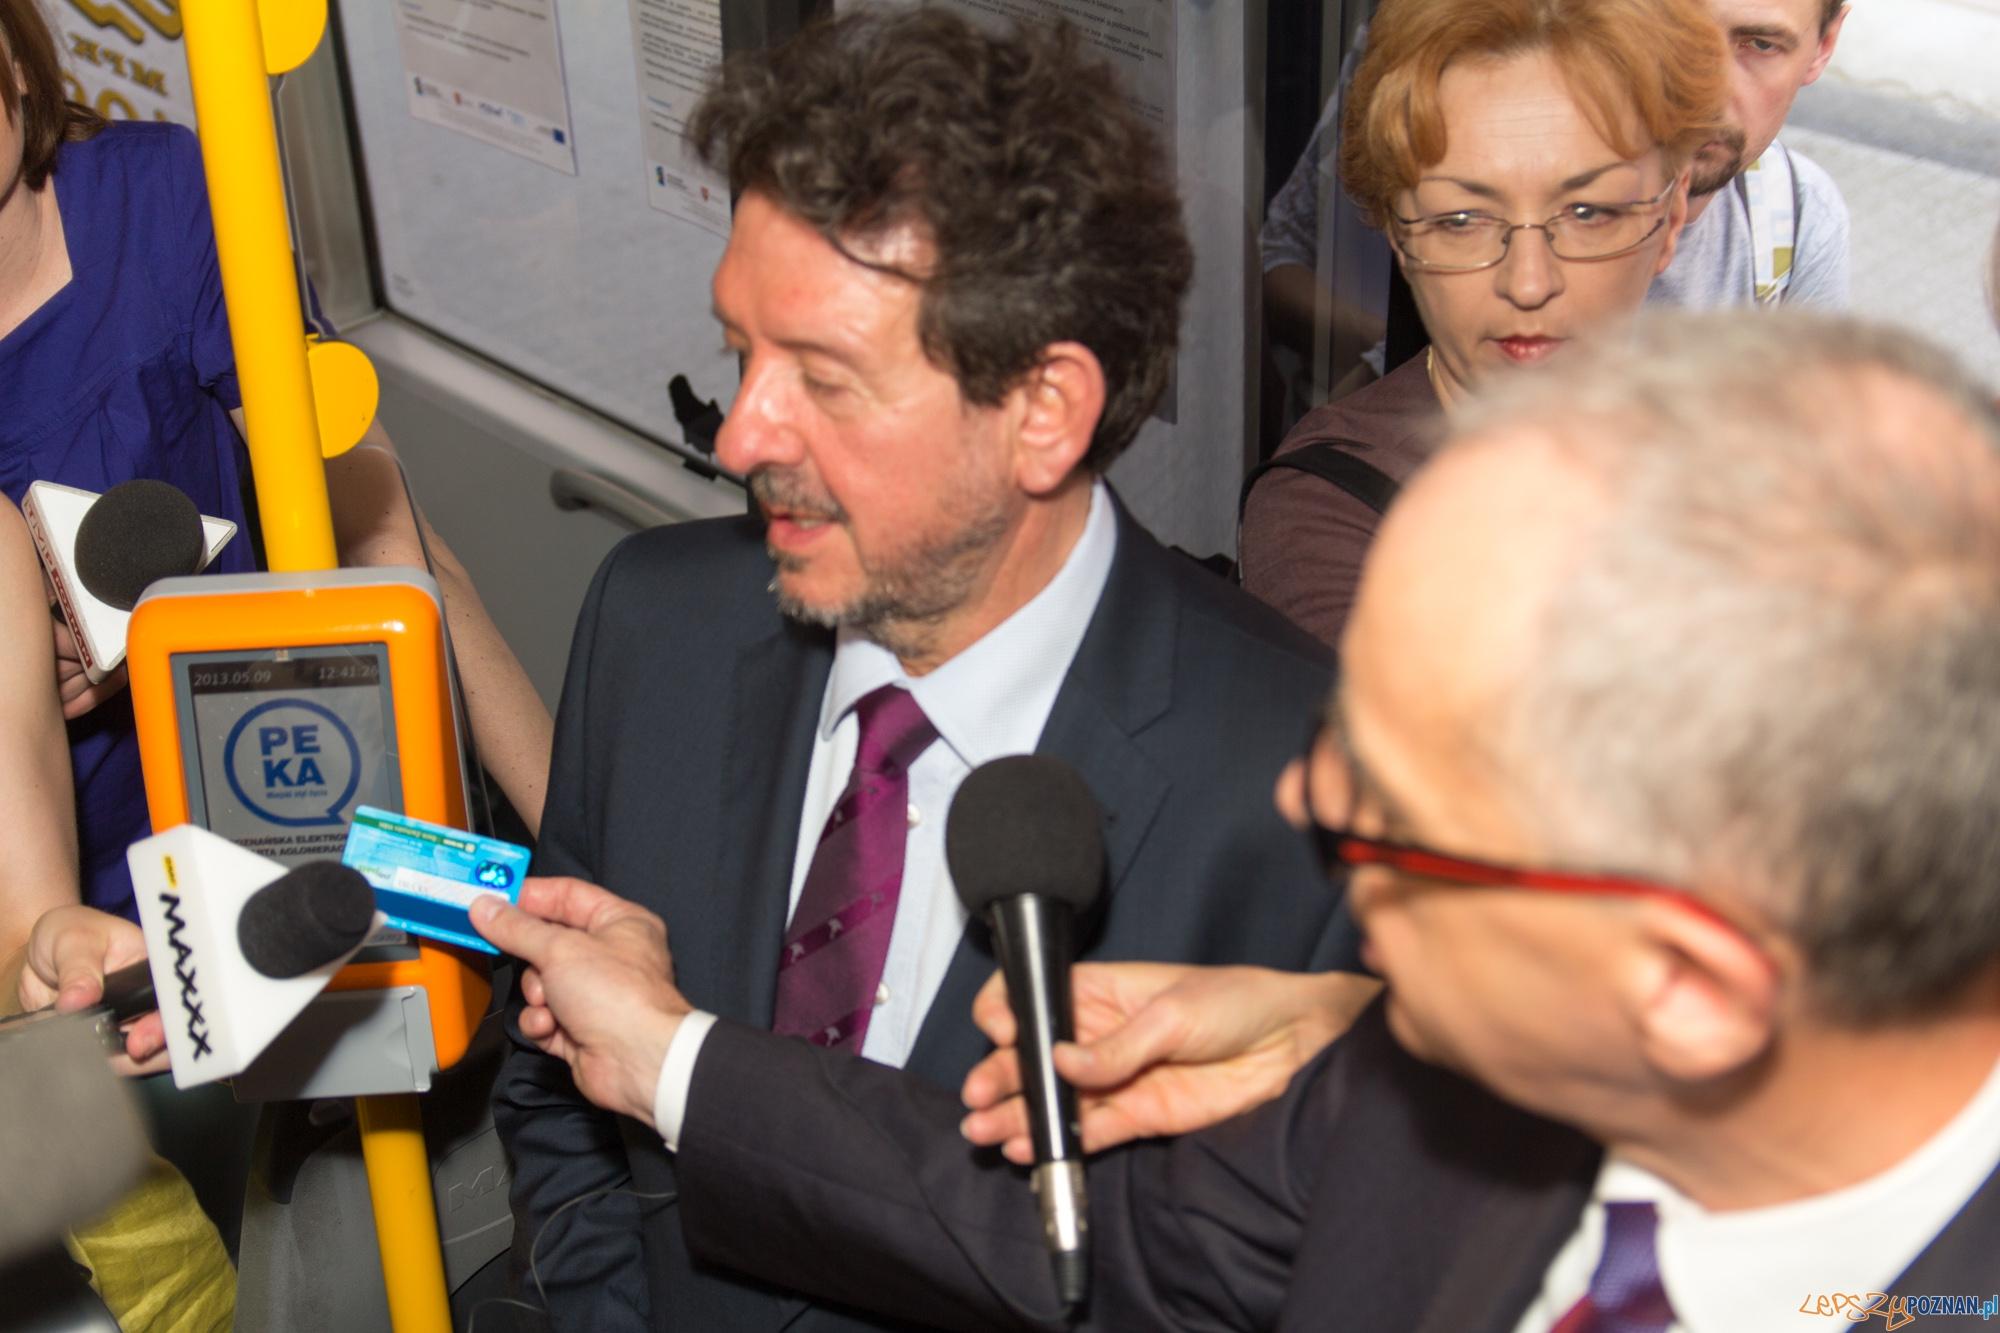 Wiceprezydent Kruszyński oraz dyrektor Bajoński prezentują system PEKA  Foto: lepszyPOZNAN.pl / Piotr Rychter